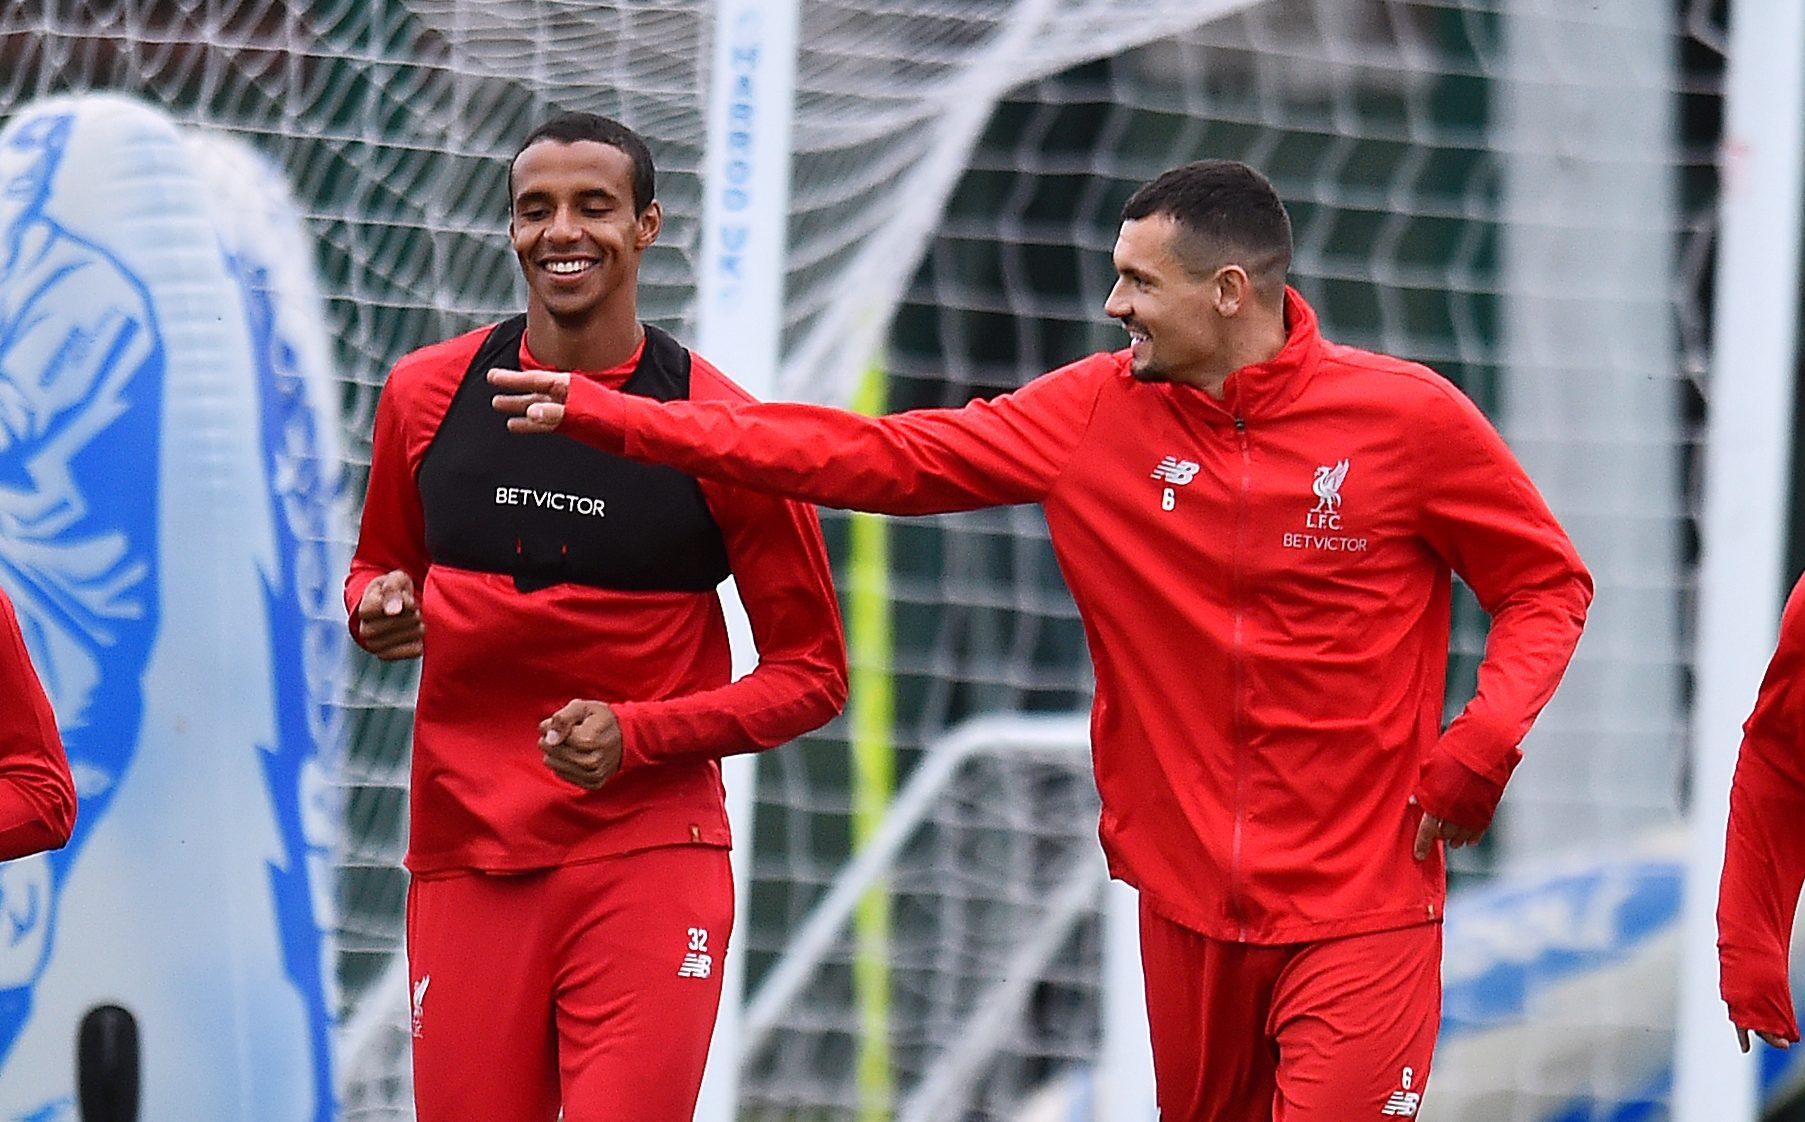 Jurgen Klopp provides Joel Matip and Dejan Lovren injury updates ahead of Brighton clash